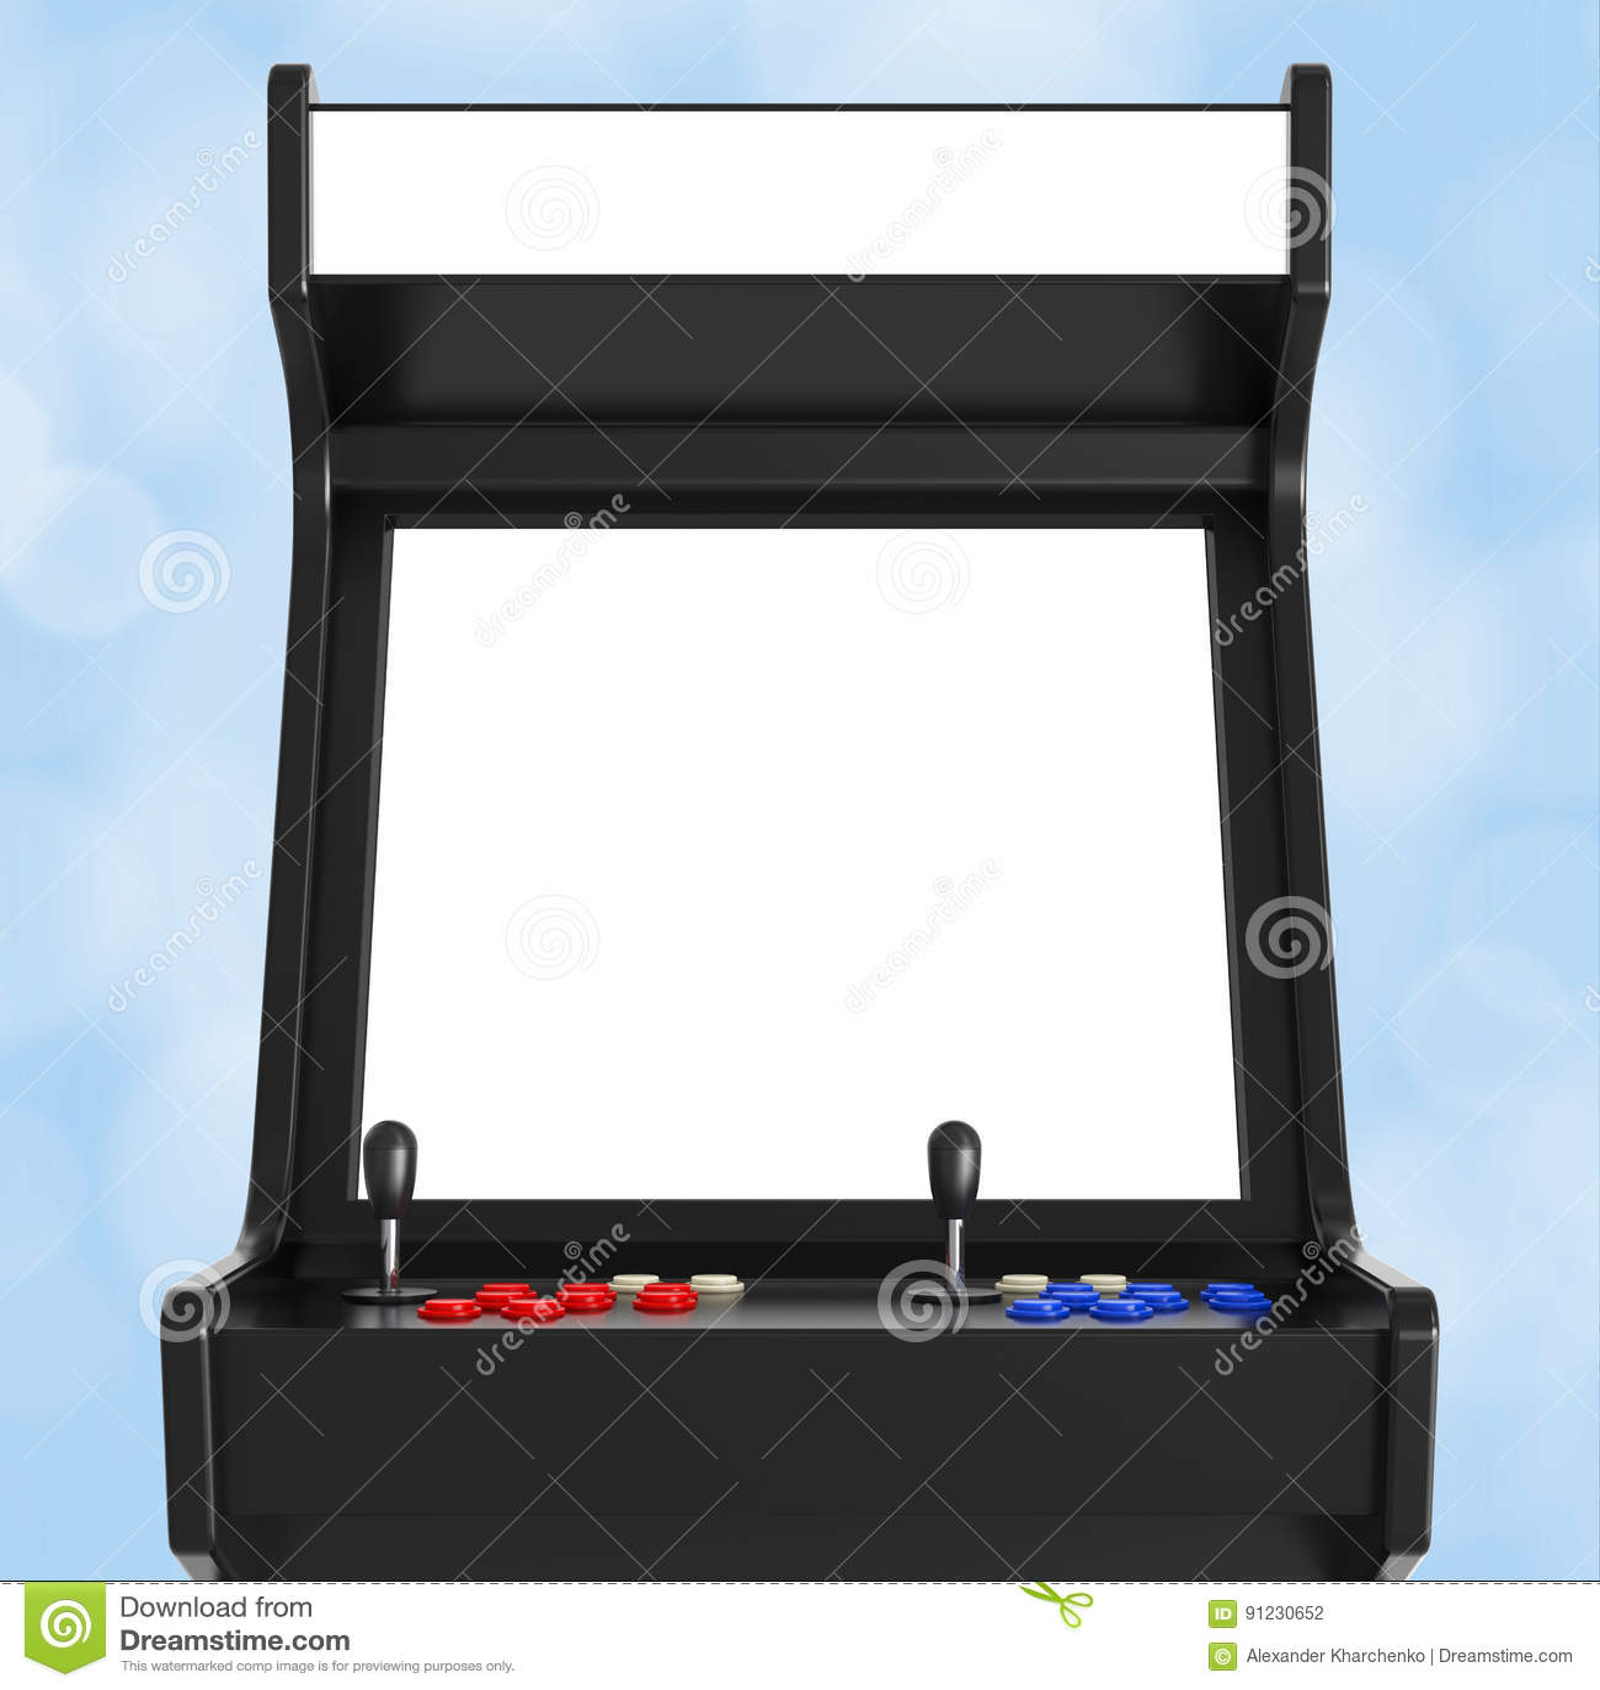 Jogo Arcade Machine com a tela vazia para seu projeto 3d arrancam